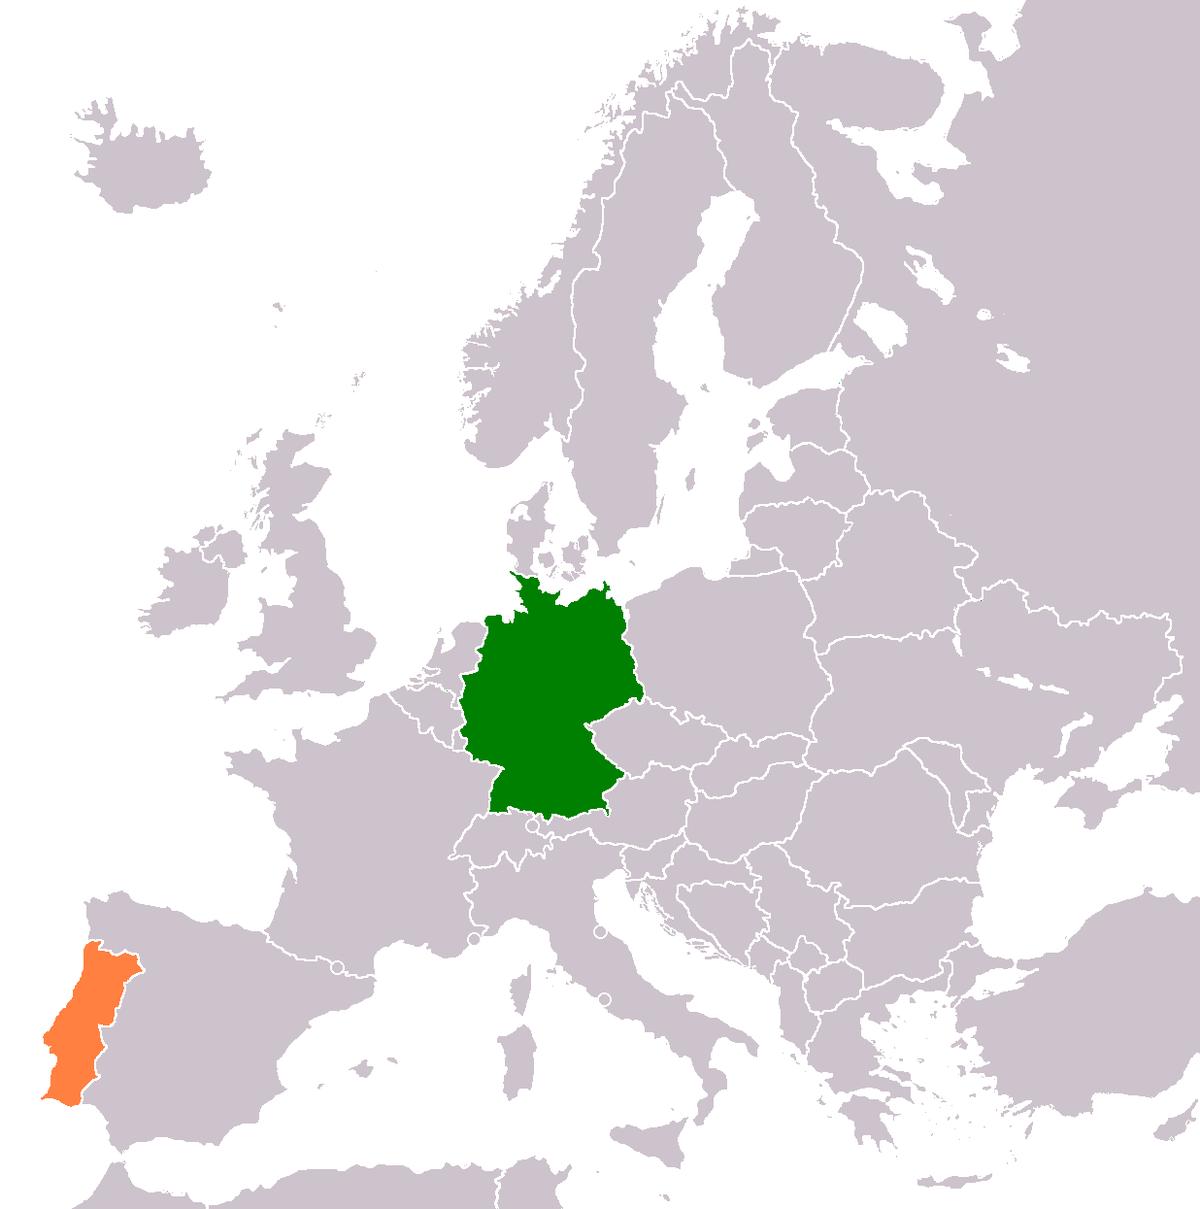 düsseldorf konsulat portugal